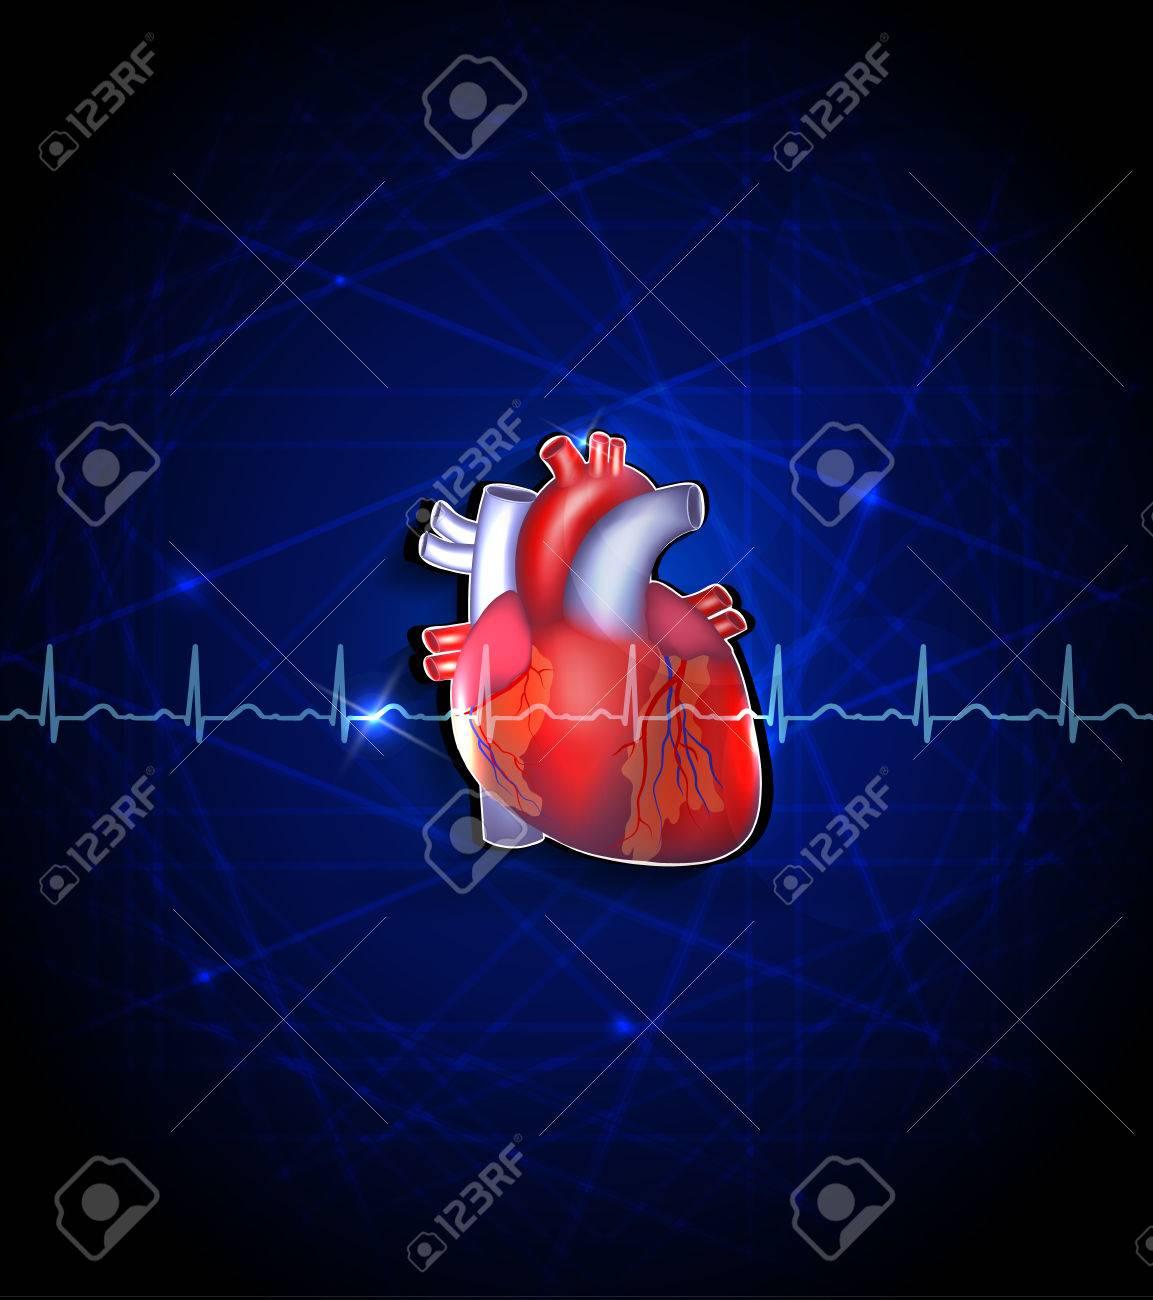 Anatomía Del Corazón Sobre Un Fondo Azul Profundo Ilustraciones ...